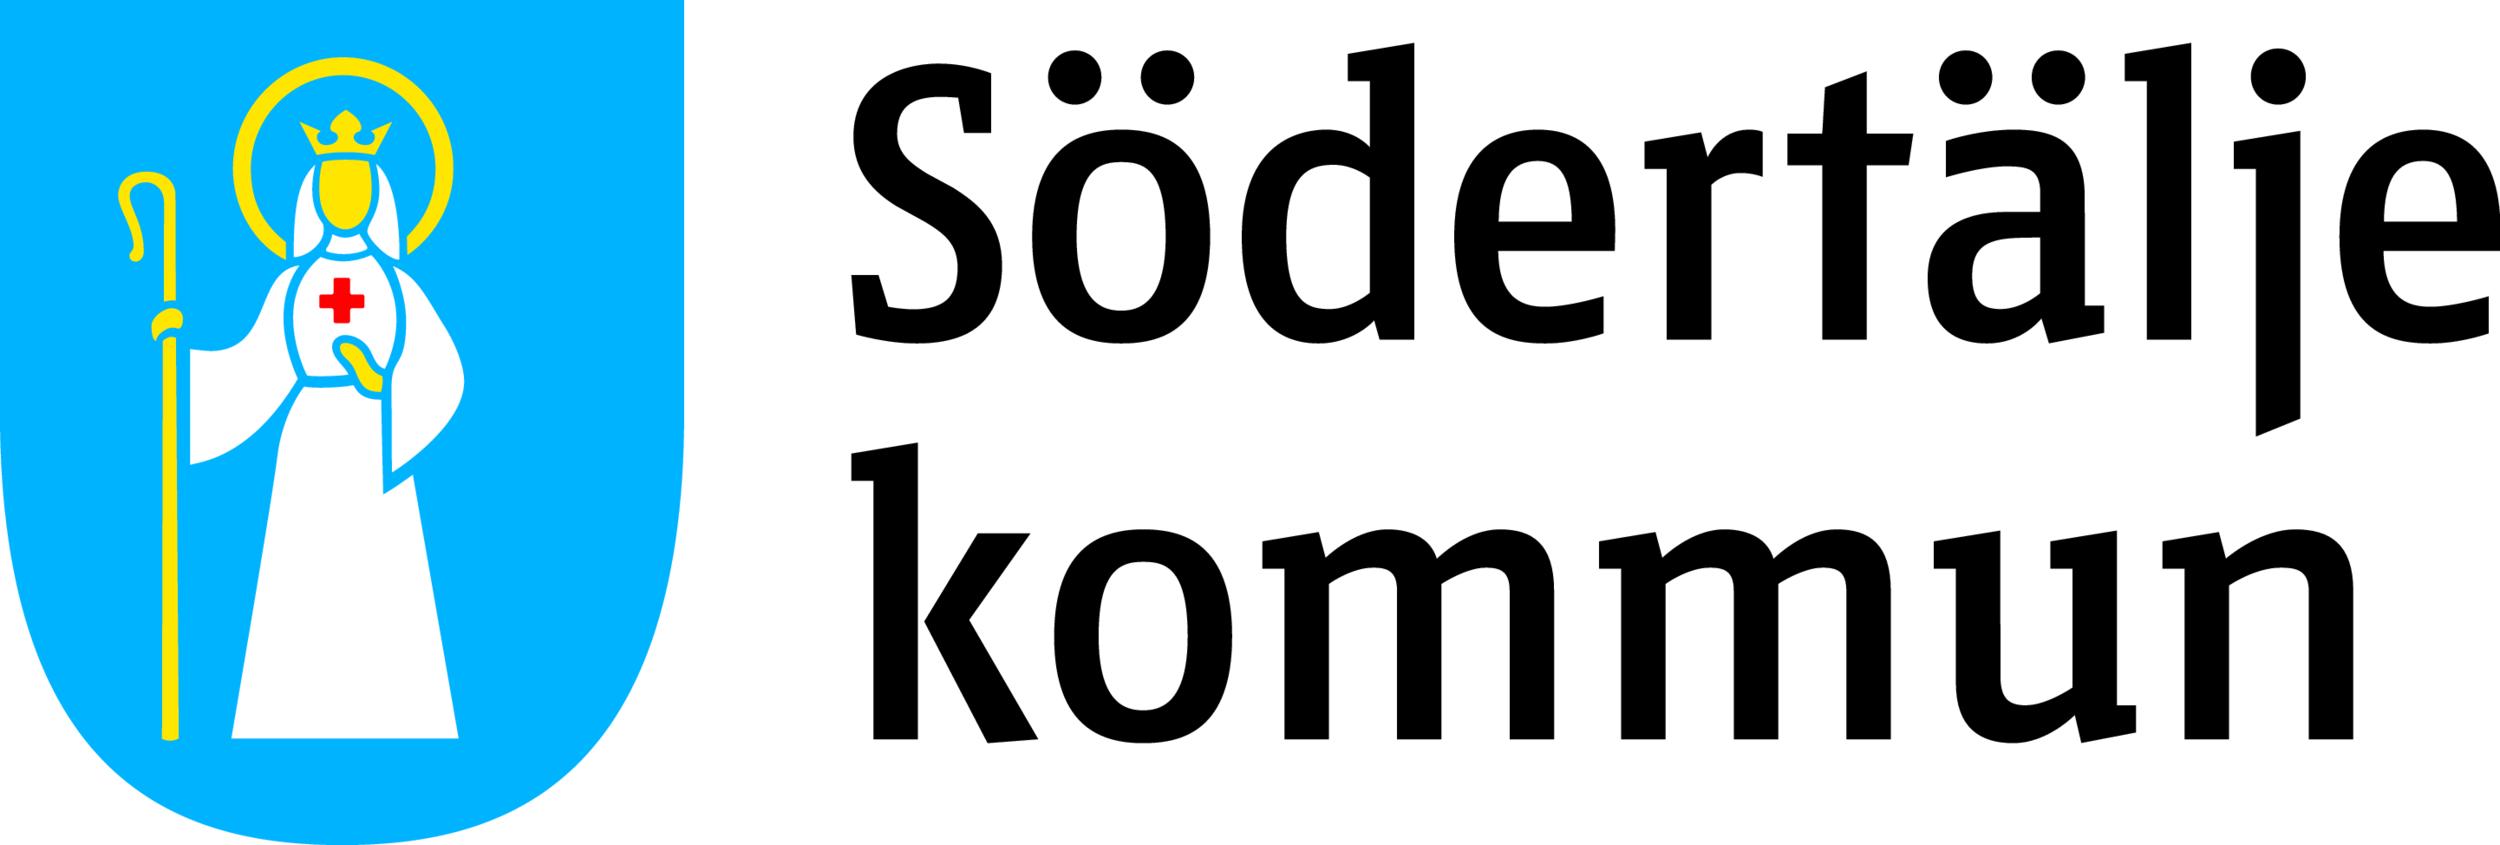 sodertaljelogga_liggande_farg.eps.png